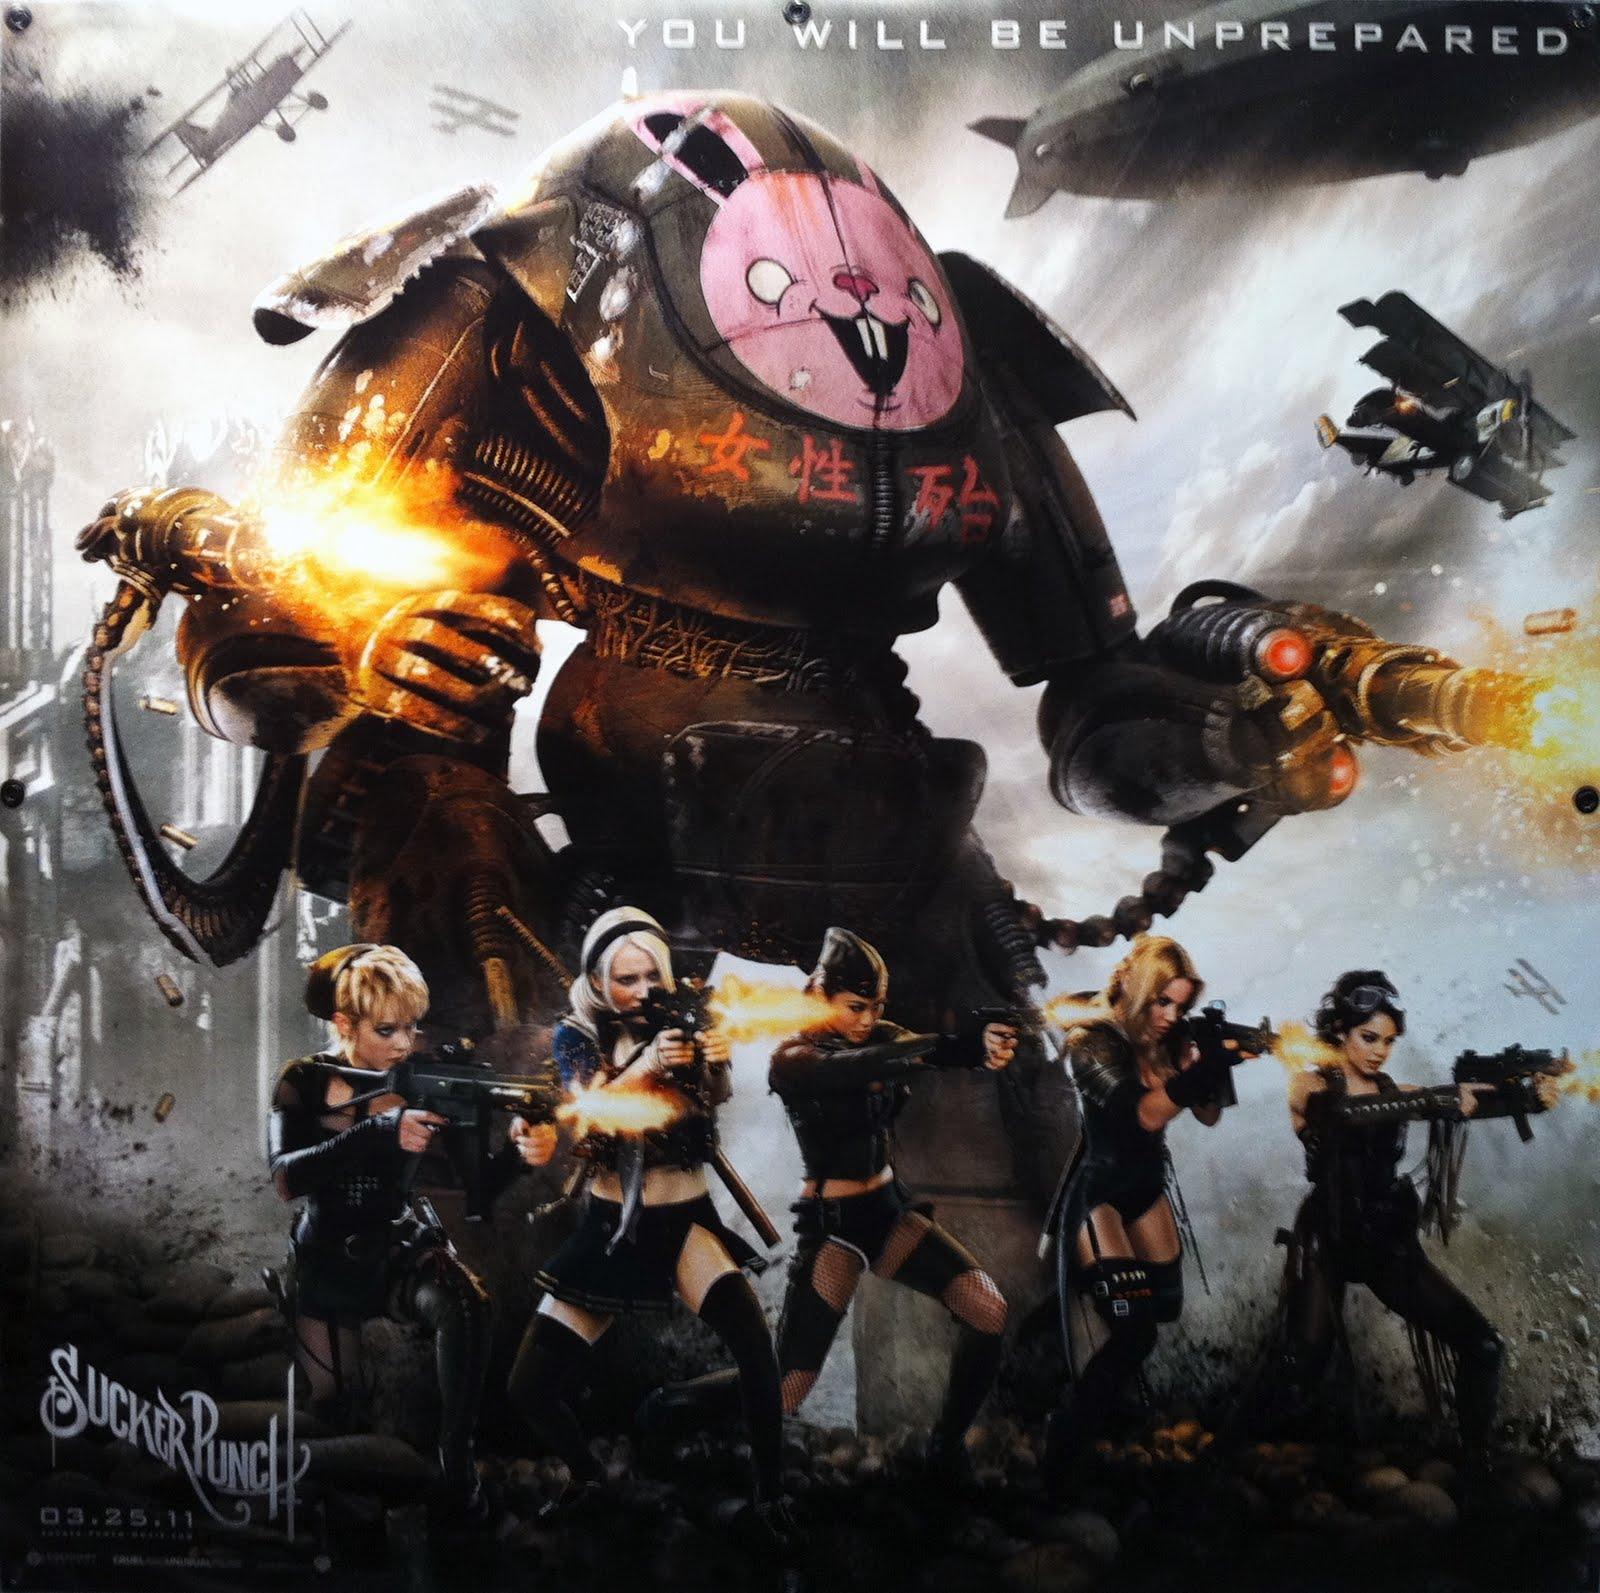 IMAGE(http://1.bp.blogspot.com/_adQFJxToEyc/TFQJxeTtZUI/AAAAAAAAAz8/JRiww16a_-g/s1600/Sucker+Punch+Poster.jpg)